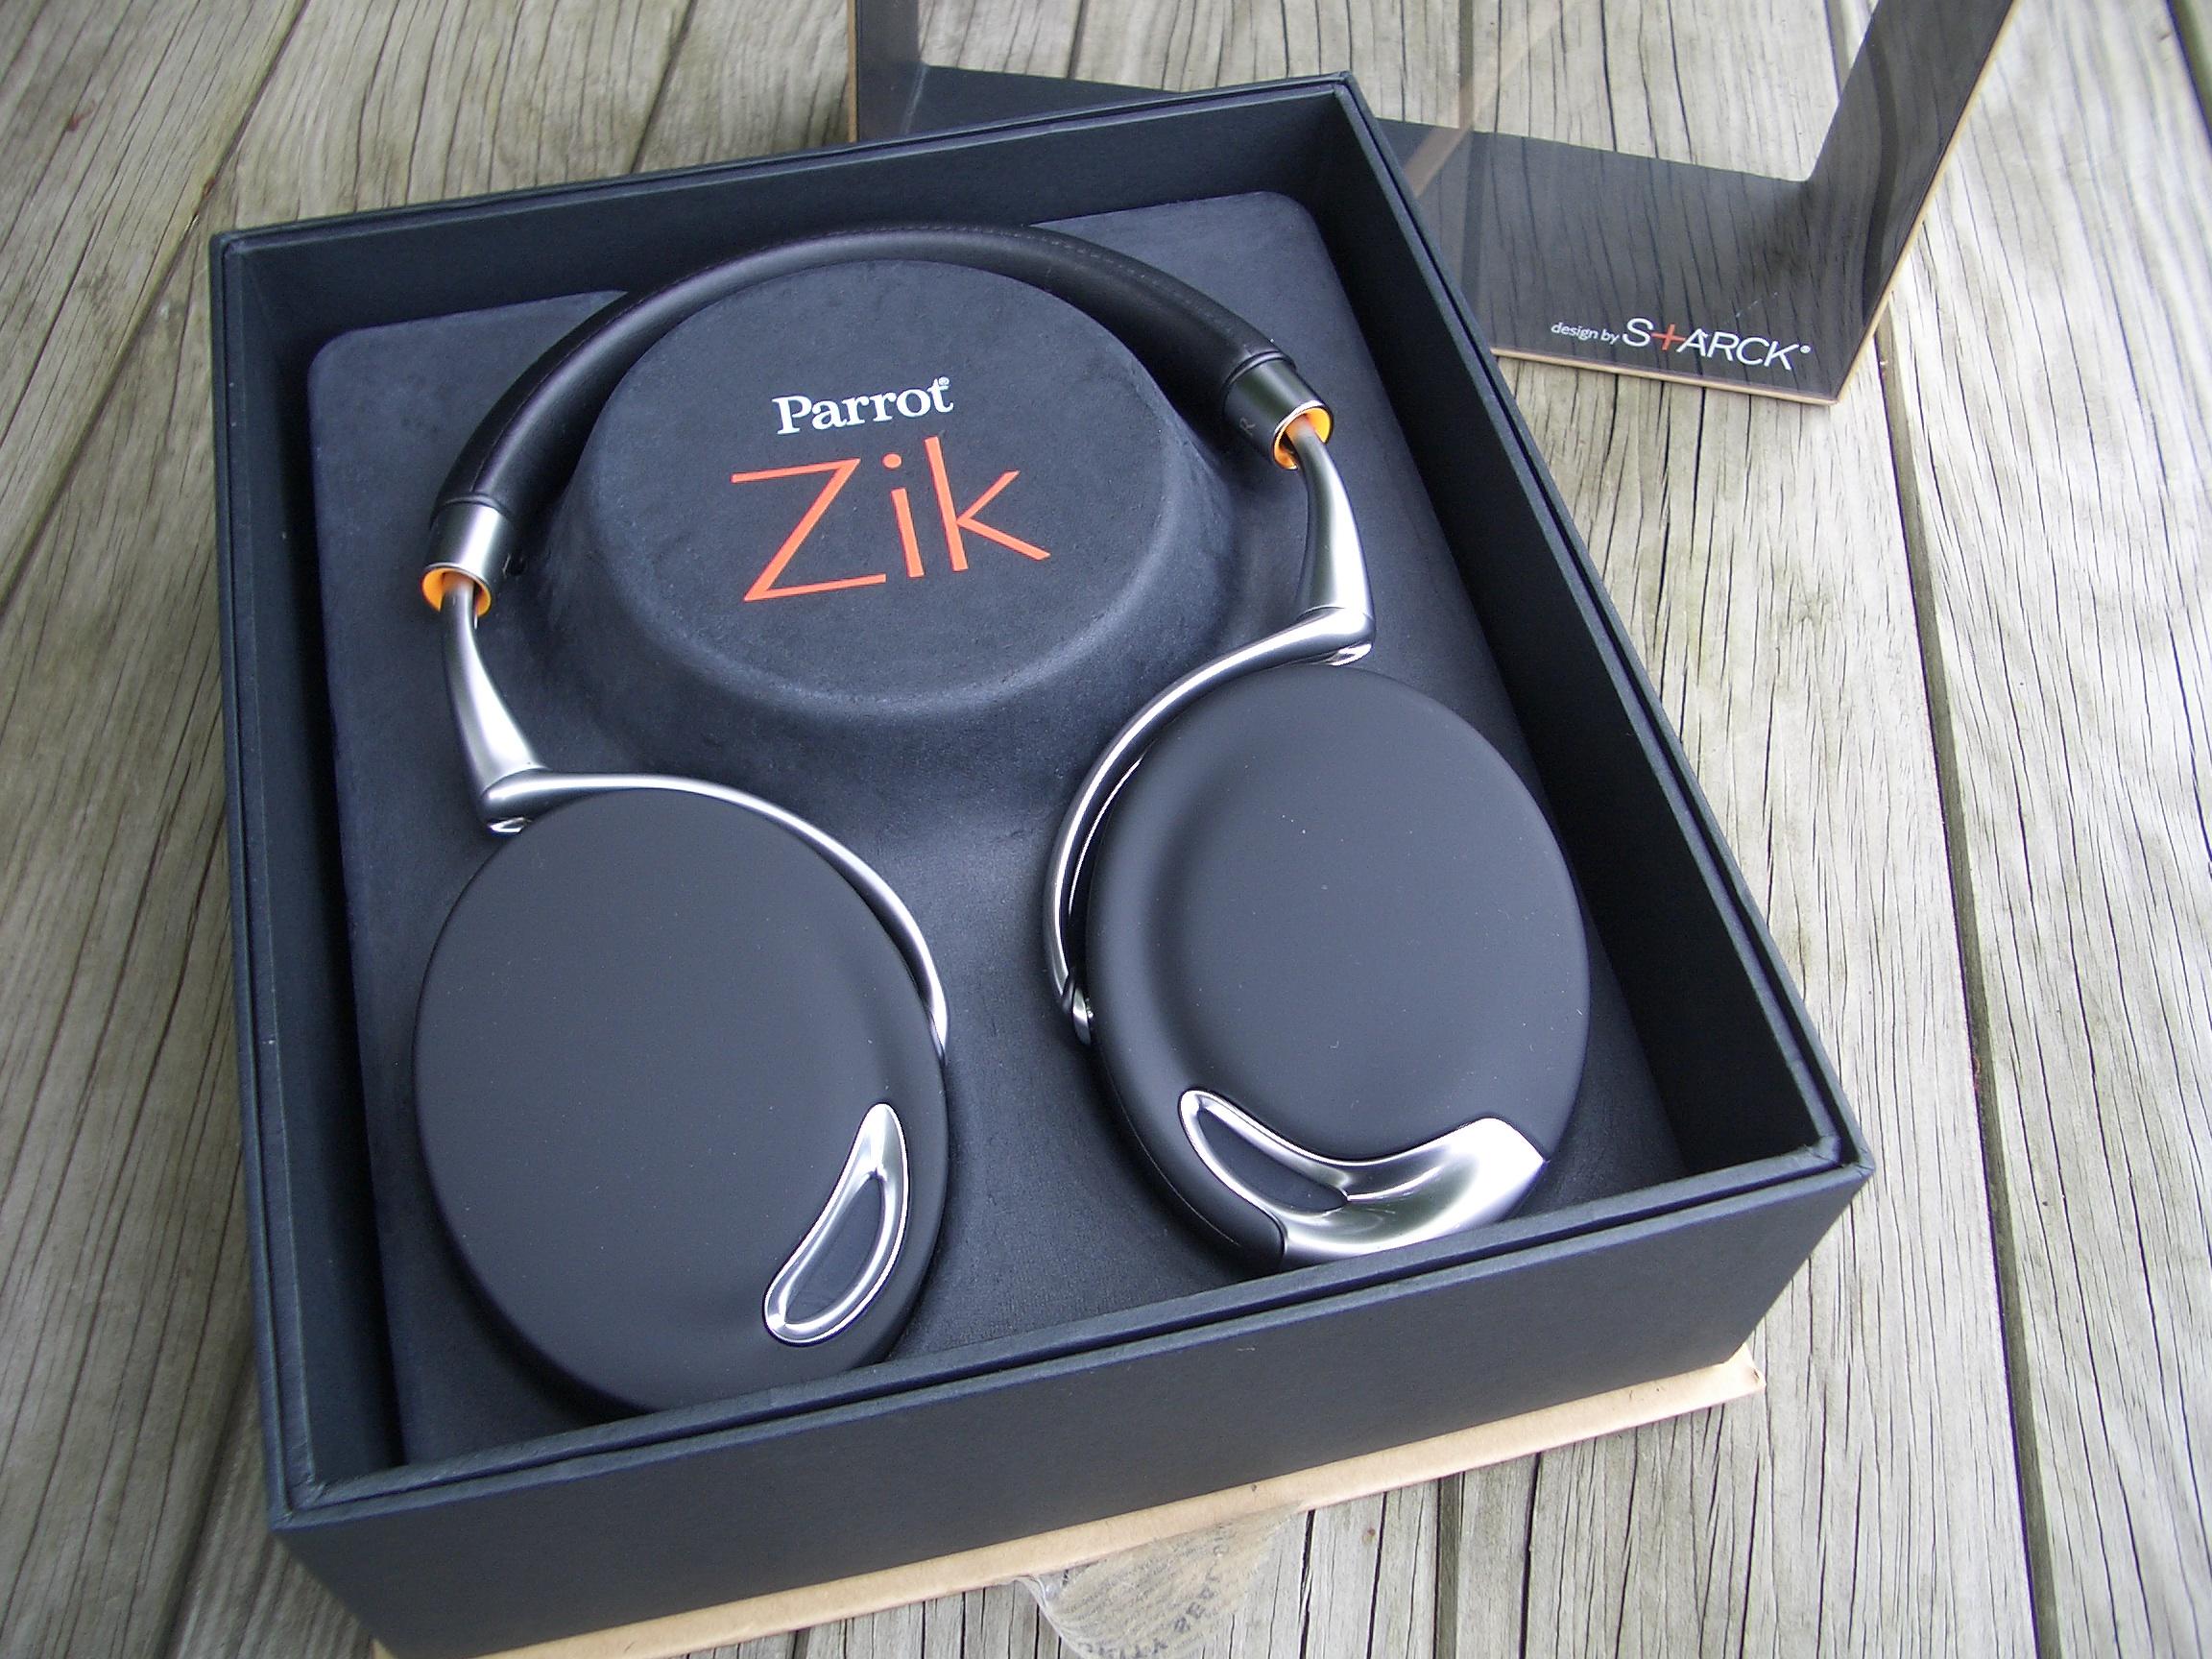 Test Du Casque Parrot Zik Casque Sans Fil Bluetooth Avec